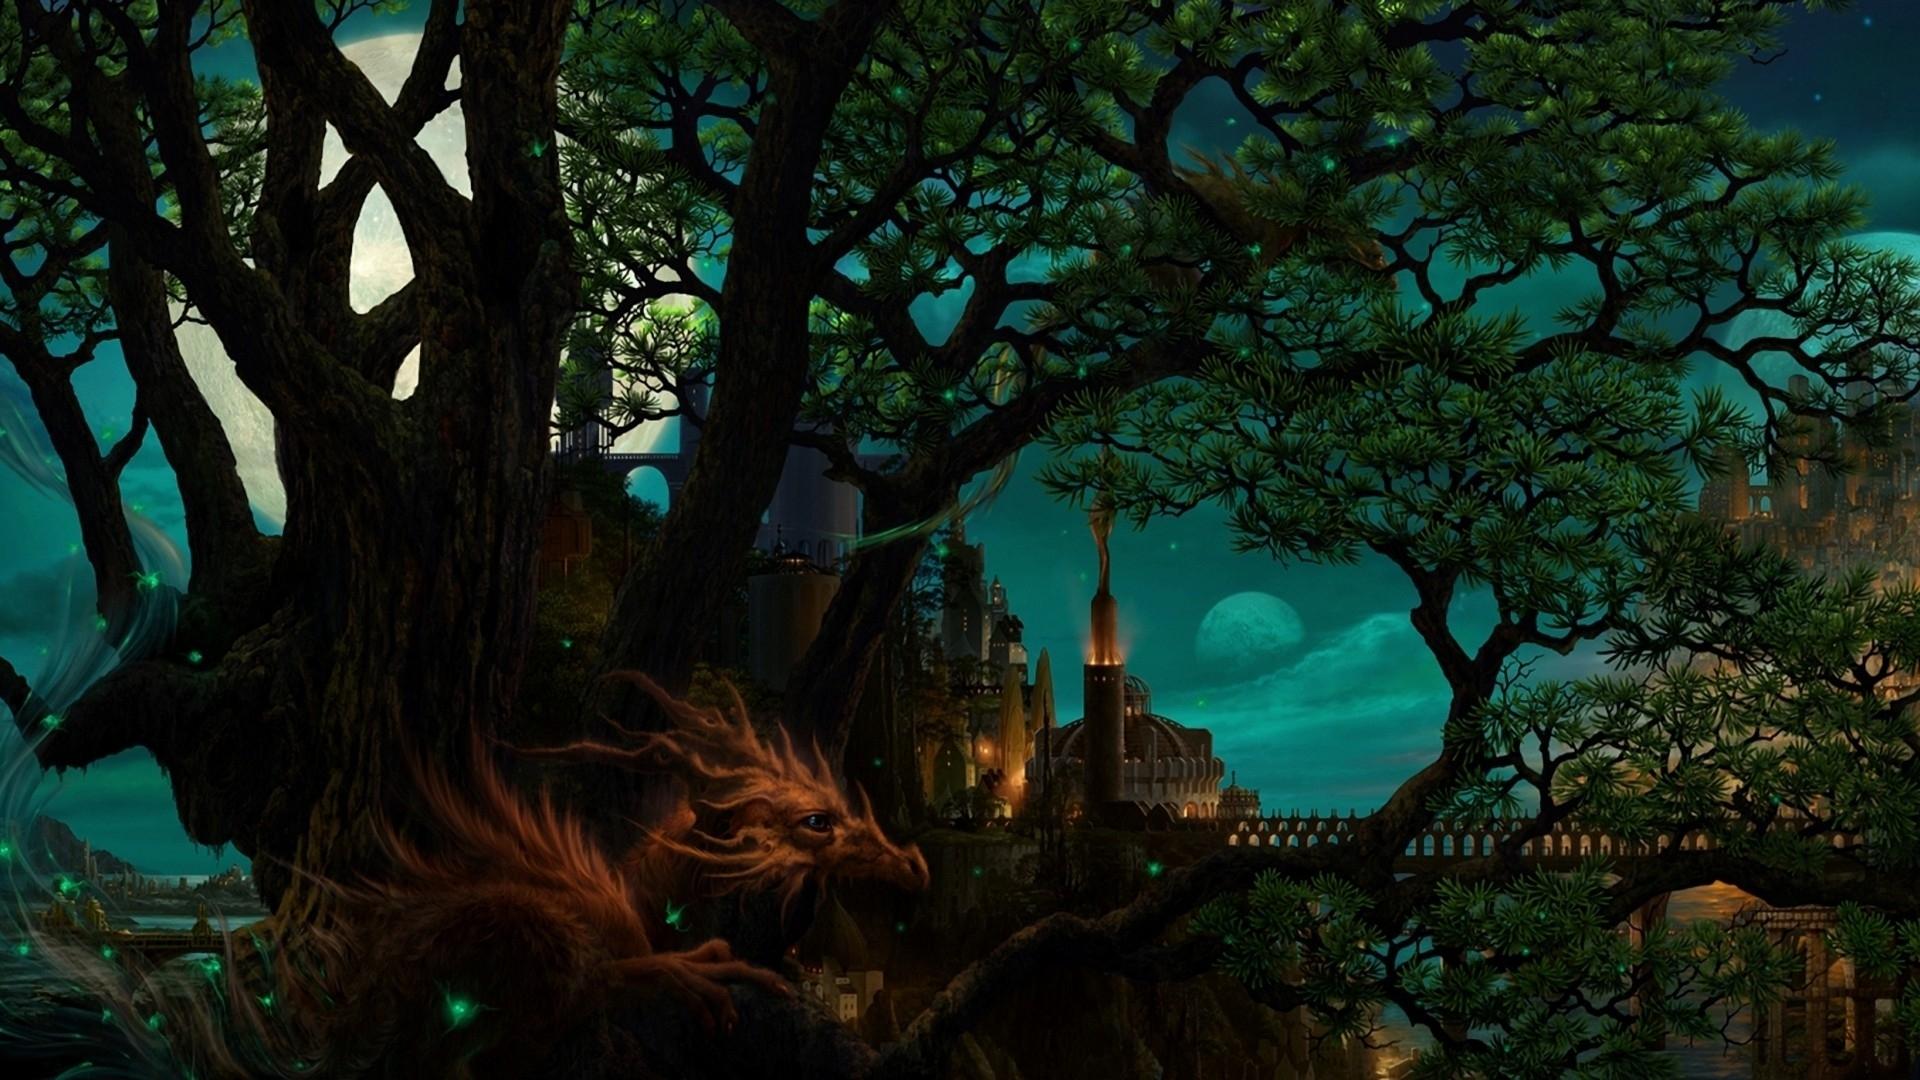 страны архитектура природа деревья ночь  № 3716924 загрузить